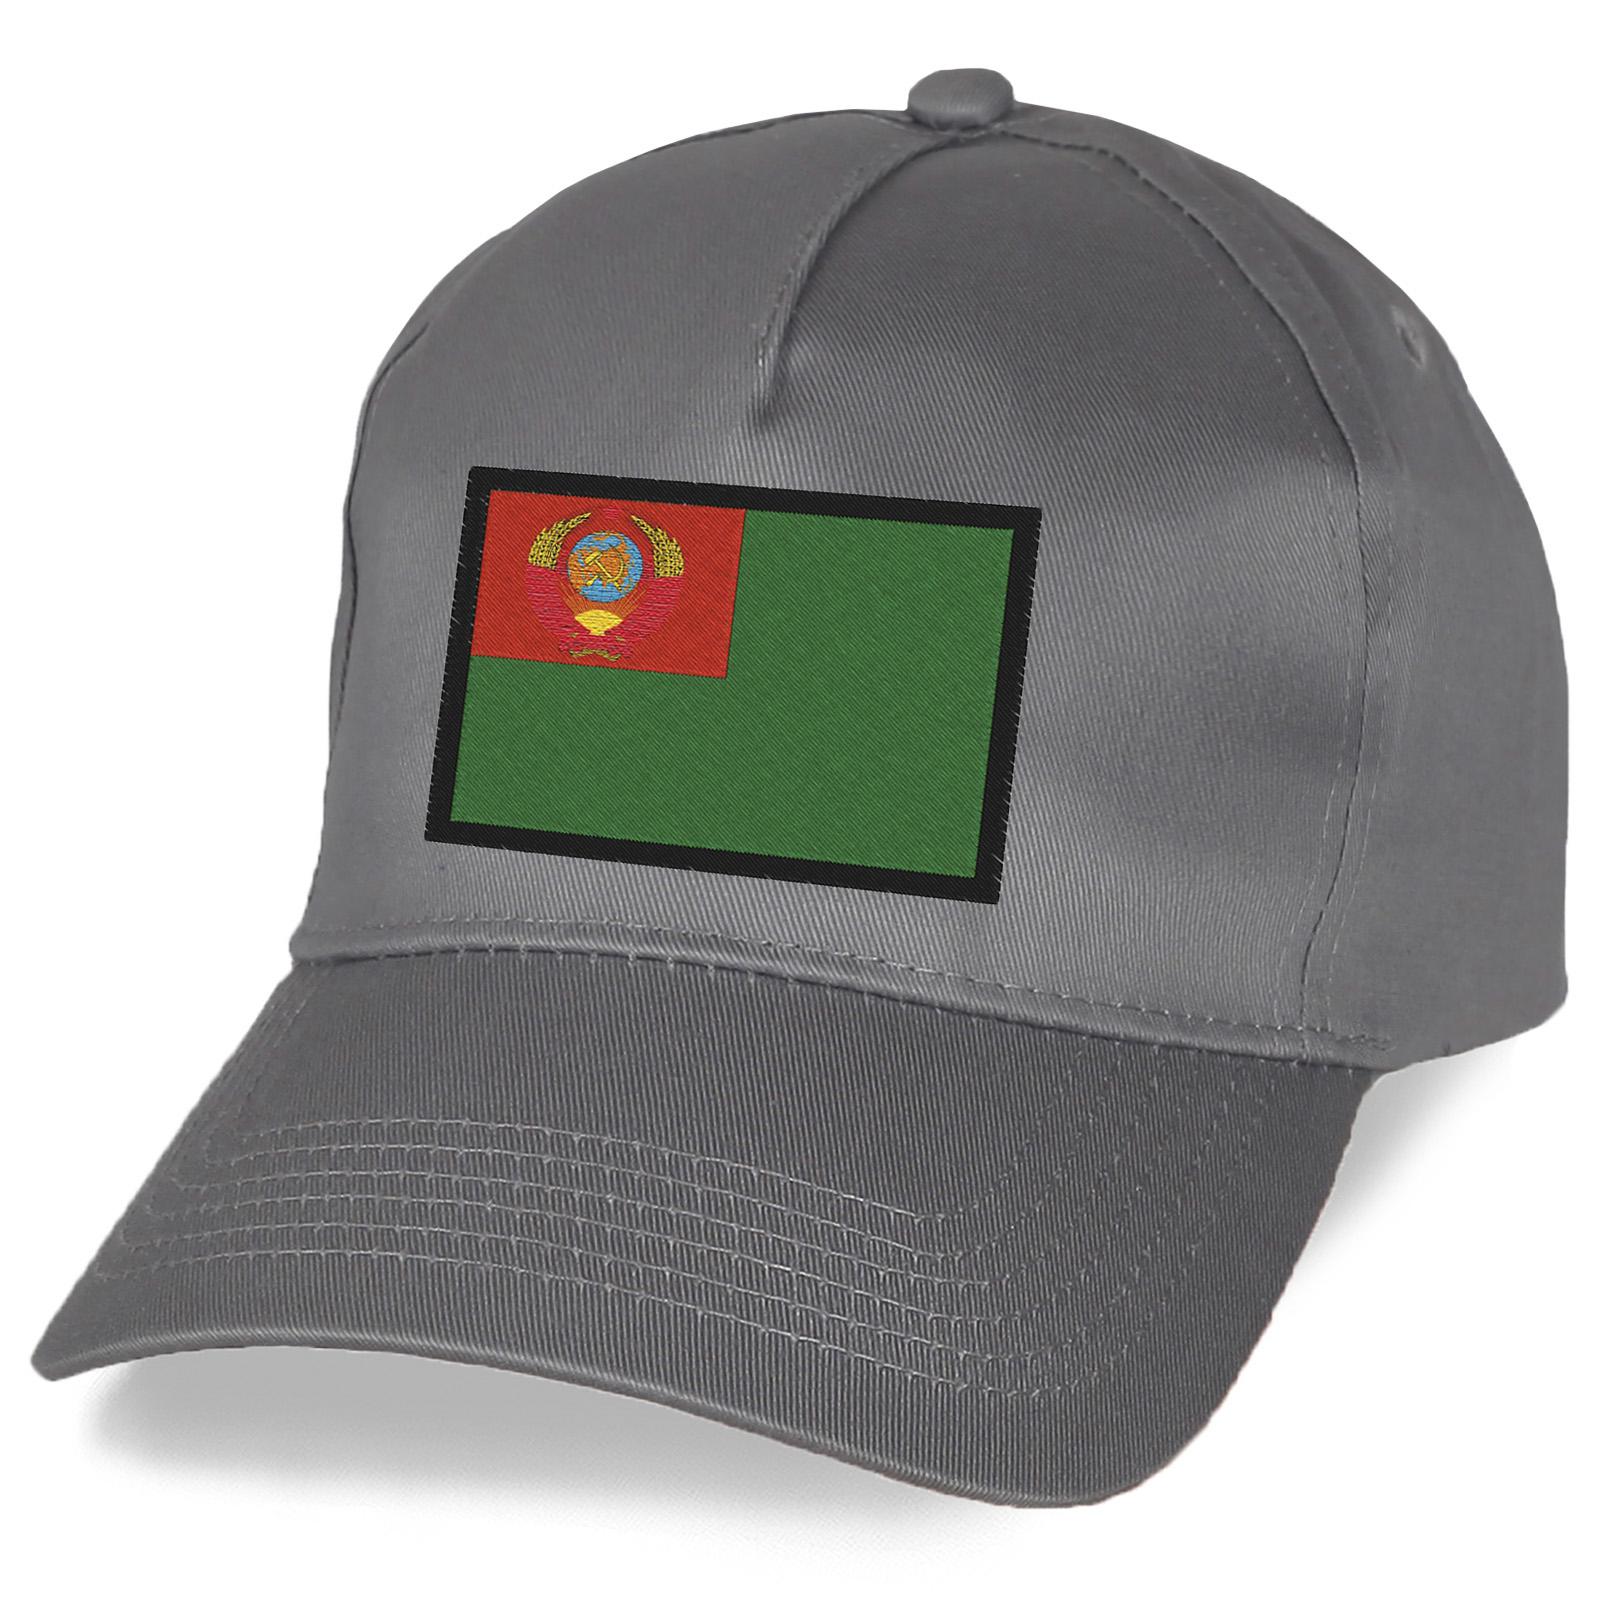 Серая кепка с вышивкой Пограничного флага.